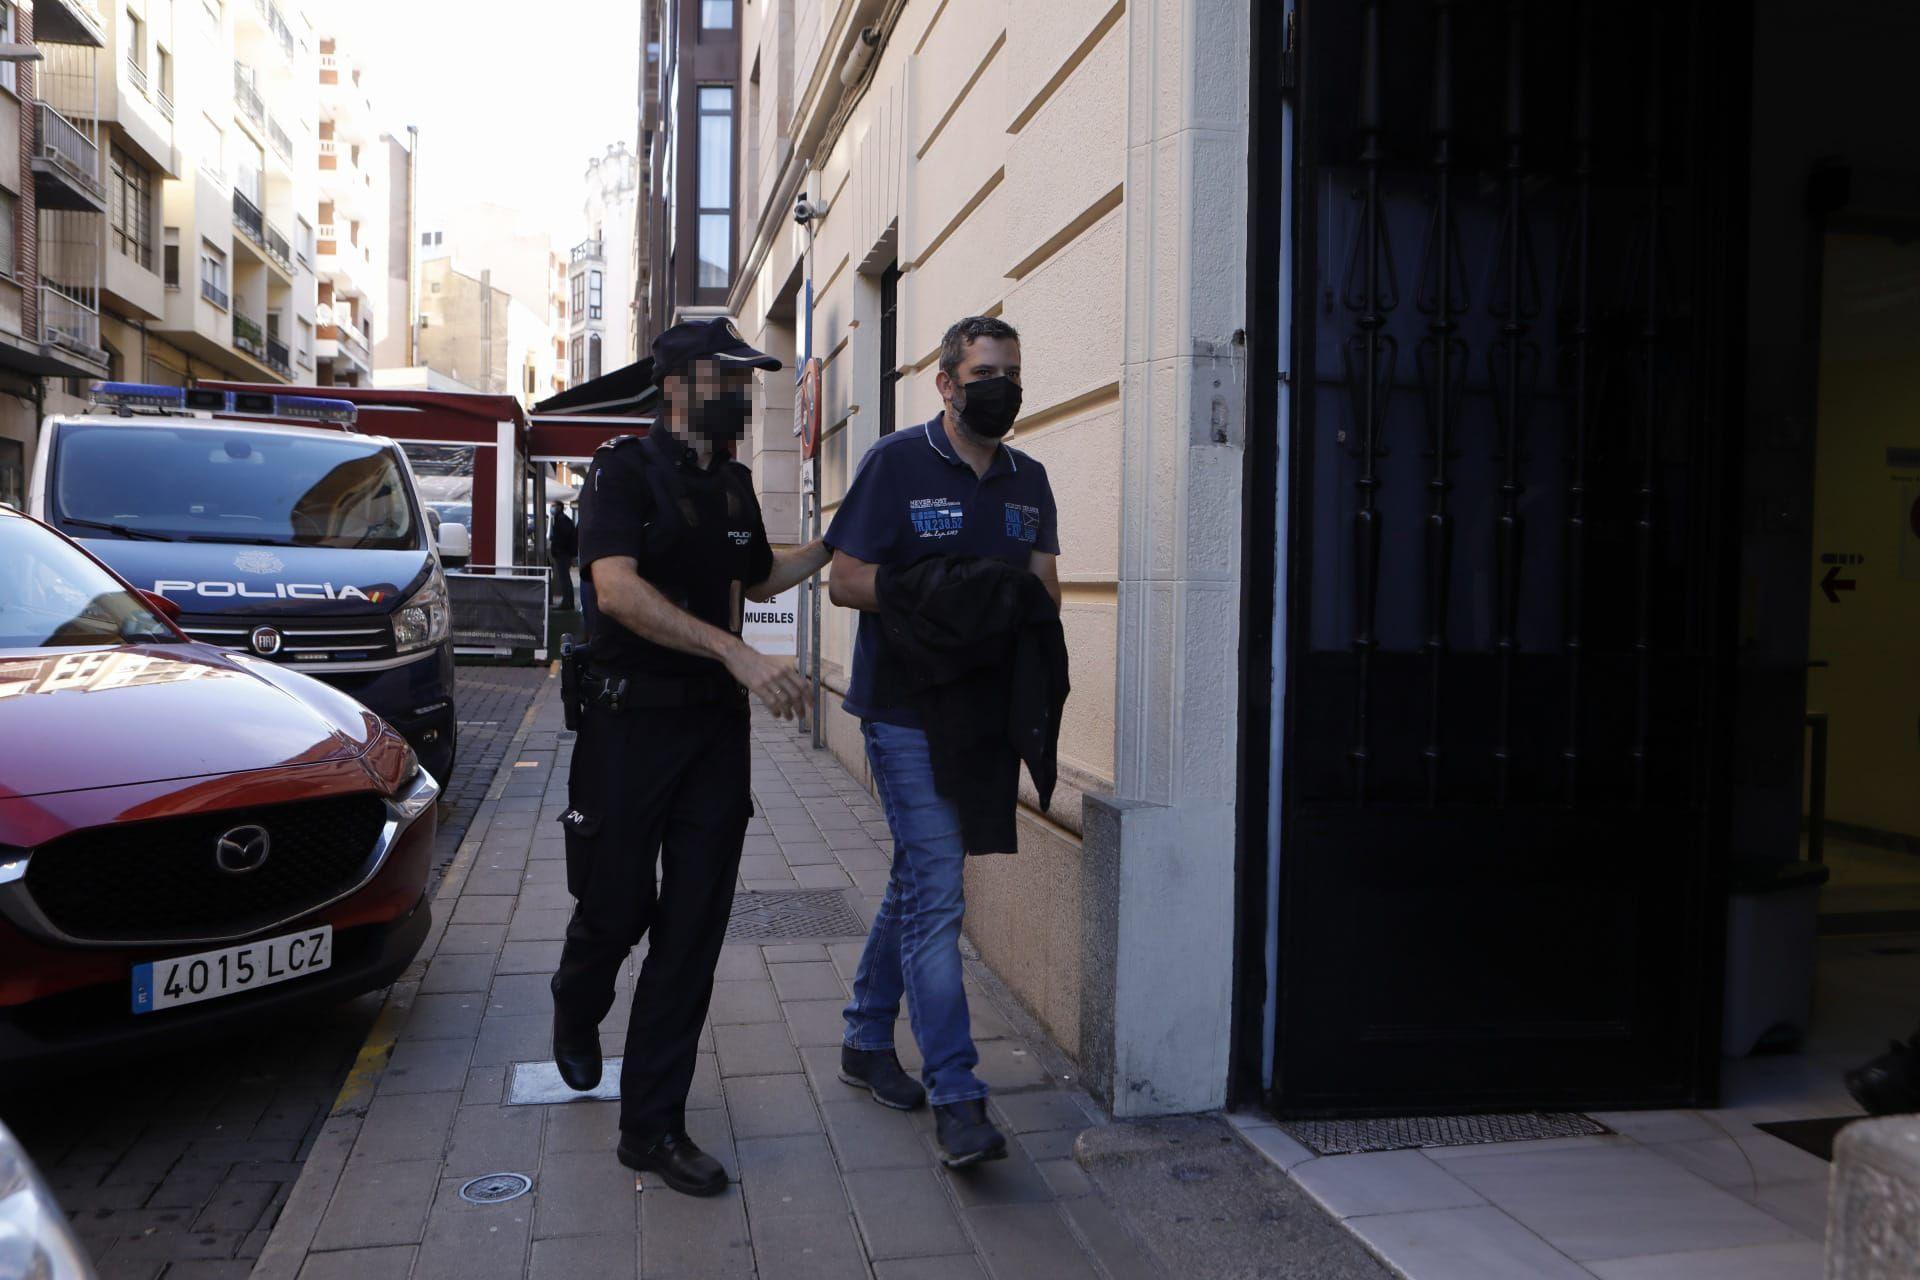 Uno de los técnicos detenidos, P. A., entra a los juzgados de Zamora para tomar declaración.